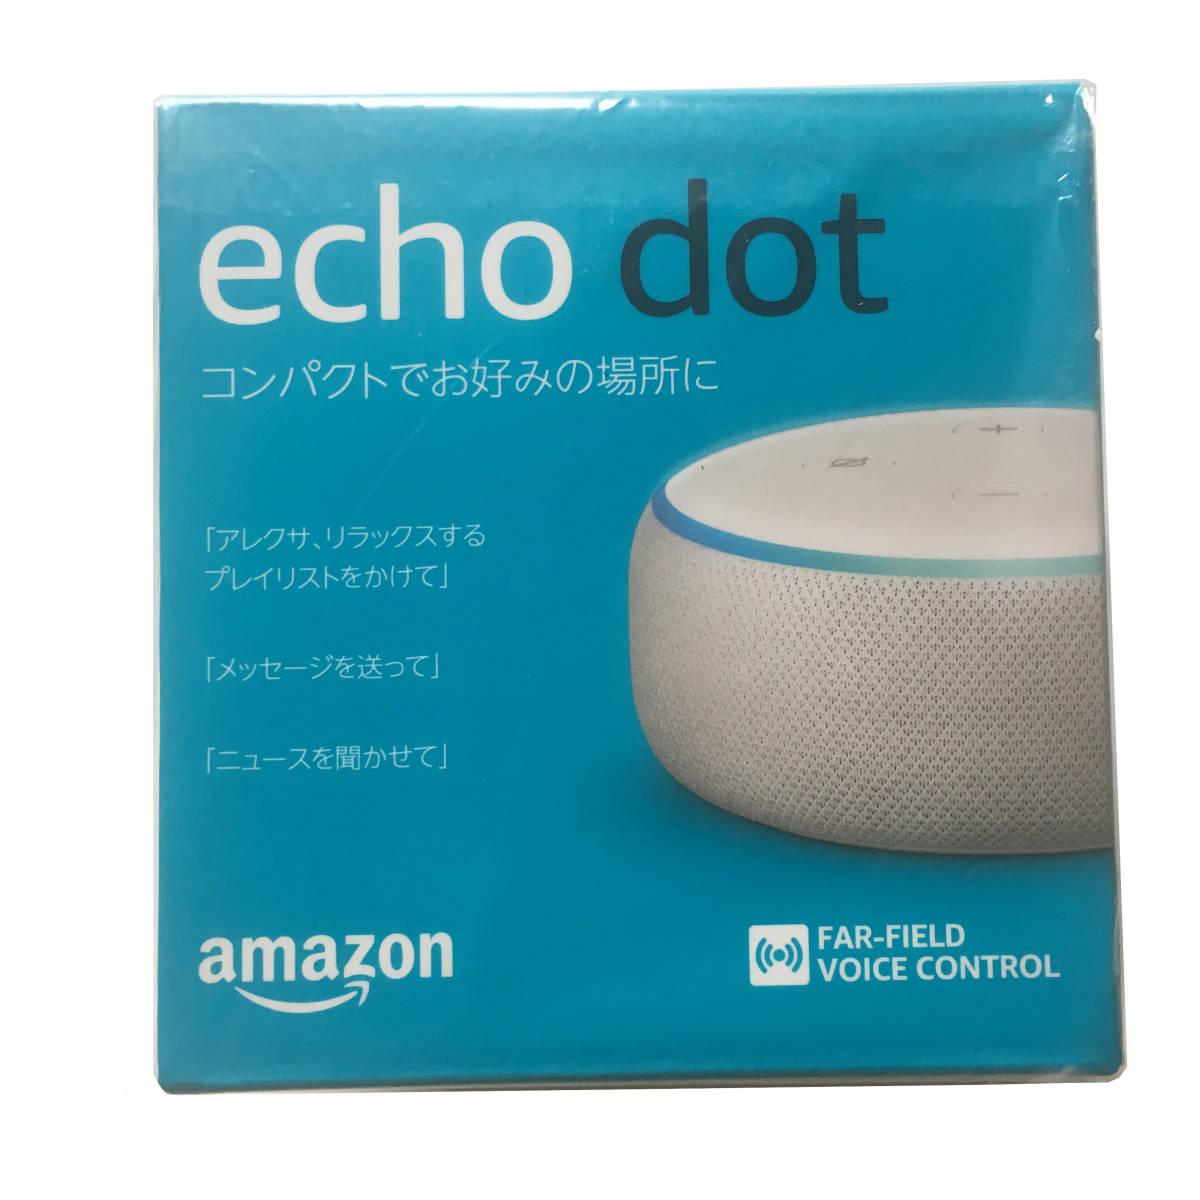 【新品・未開封】 Amazon 第3世代 Echo Dot Alexa対応 スマートスピーカー サンドストーン_画像1